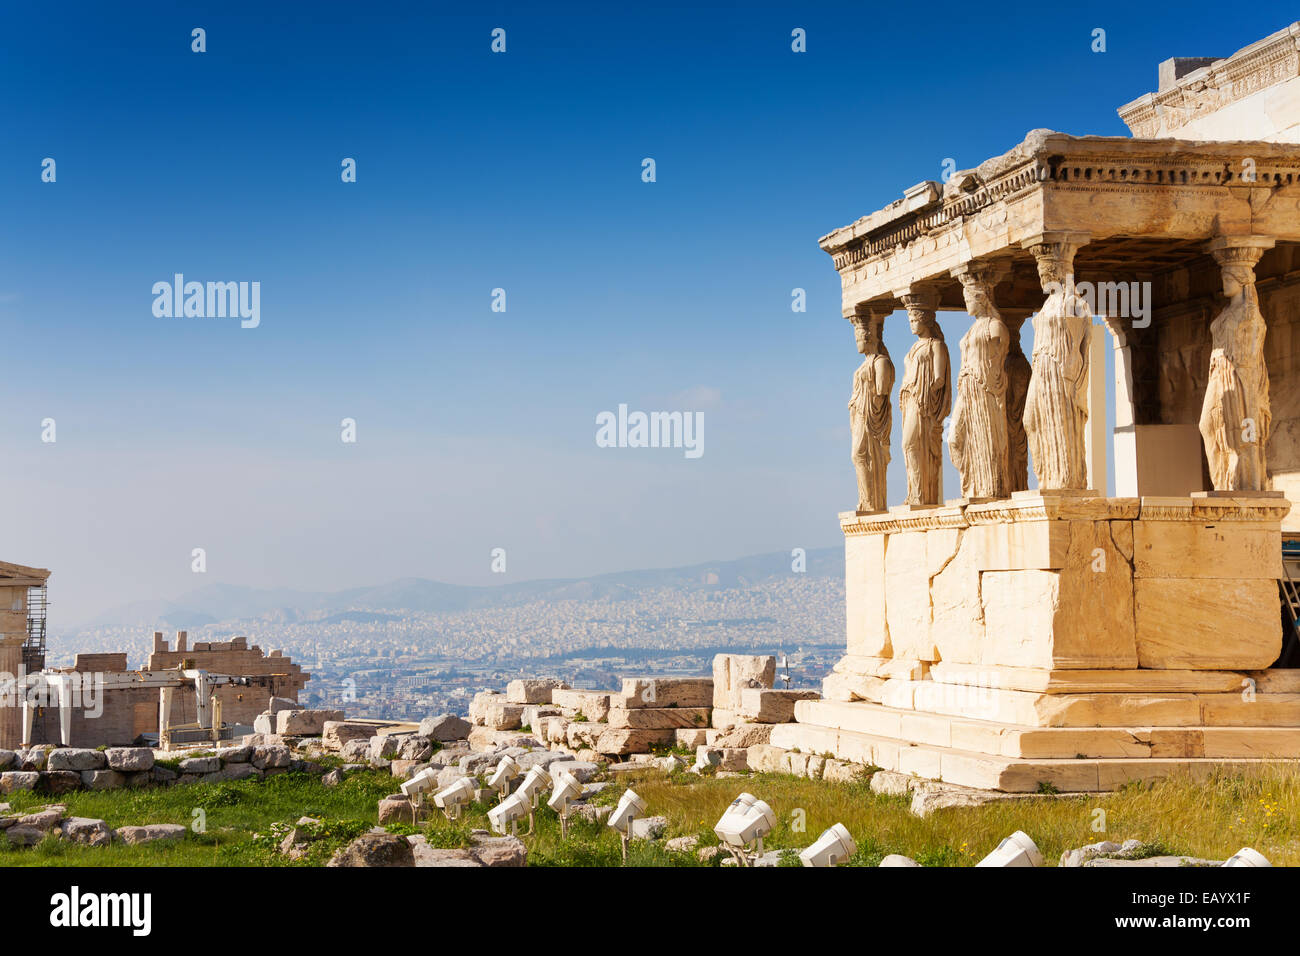 Bellissima vista dell'Eretteo di Atene, Grecia Immagini Stock